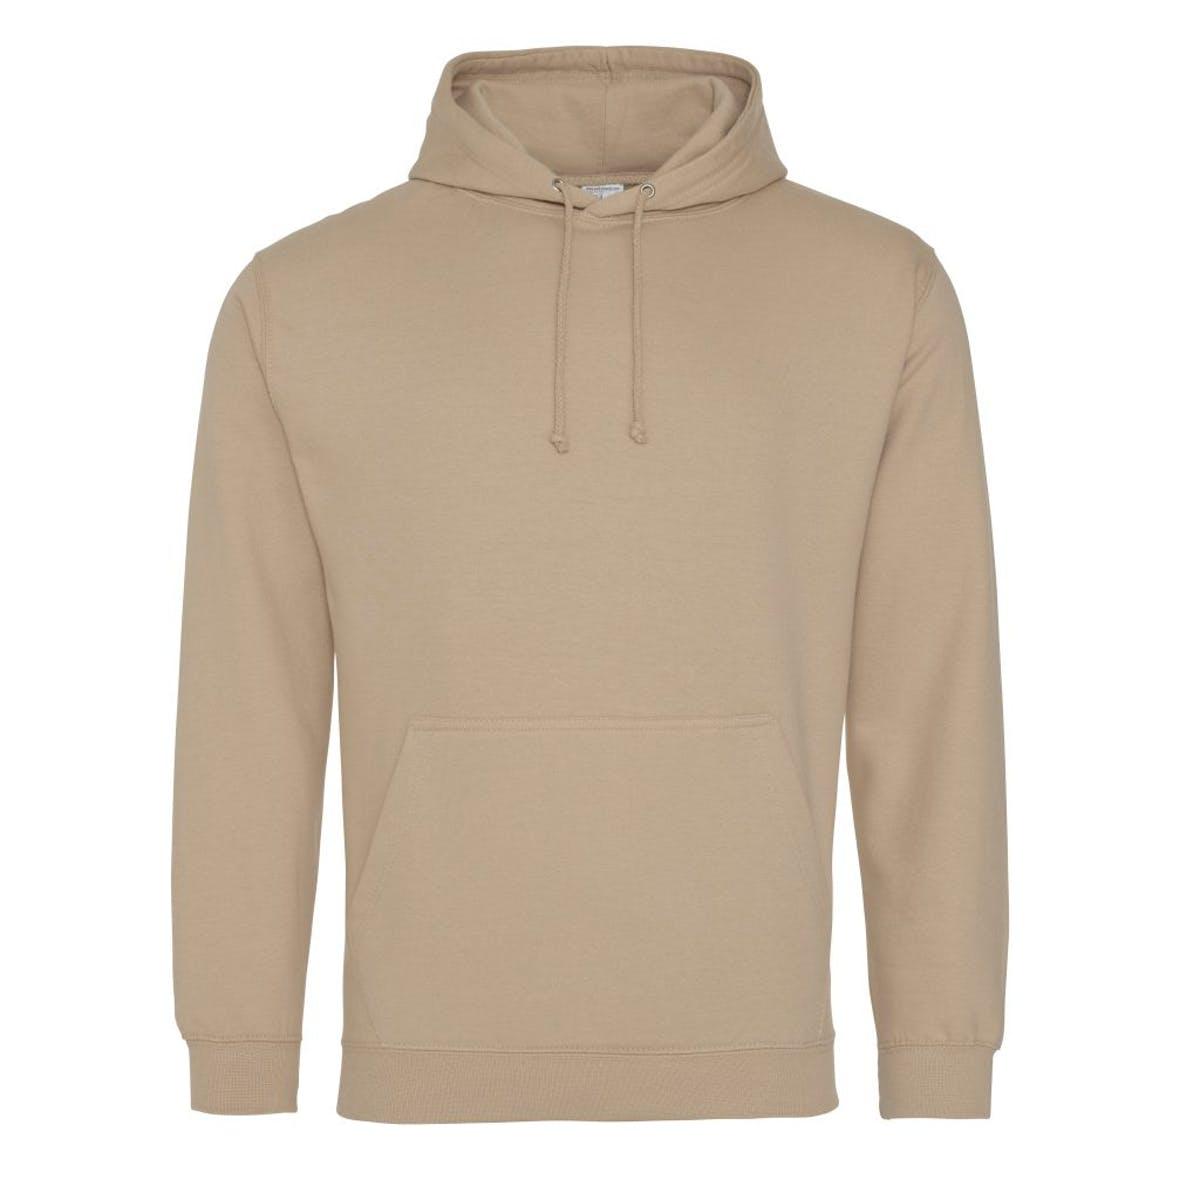 nude college hoodies